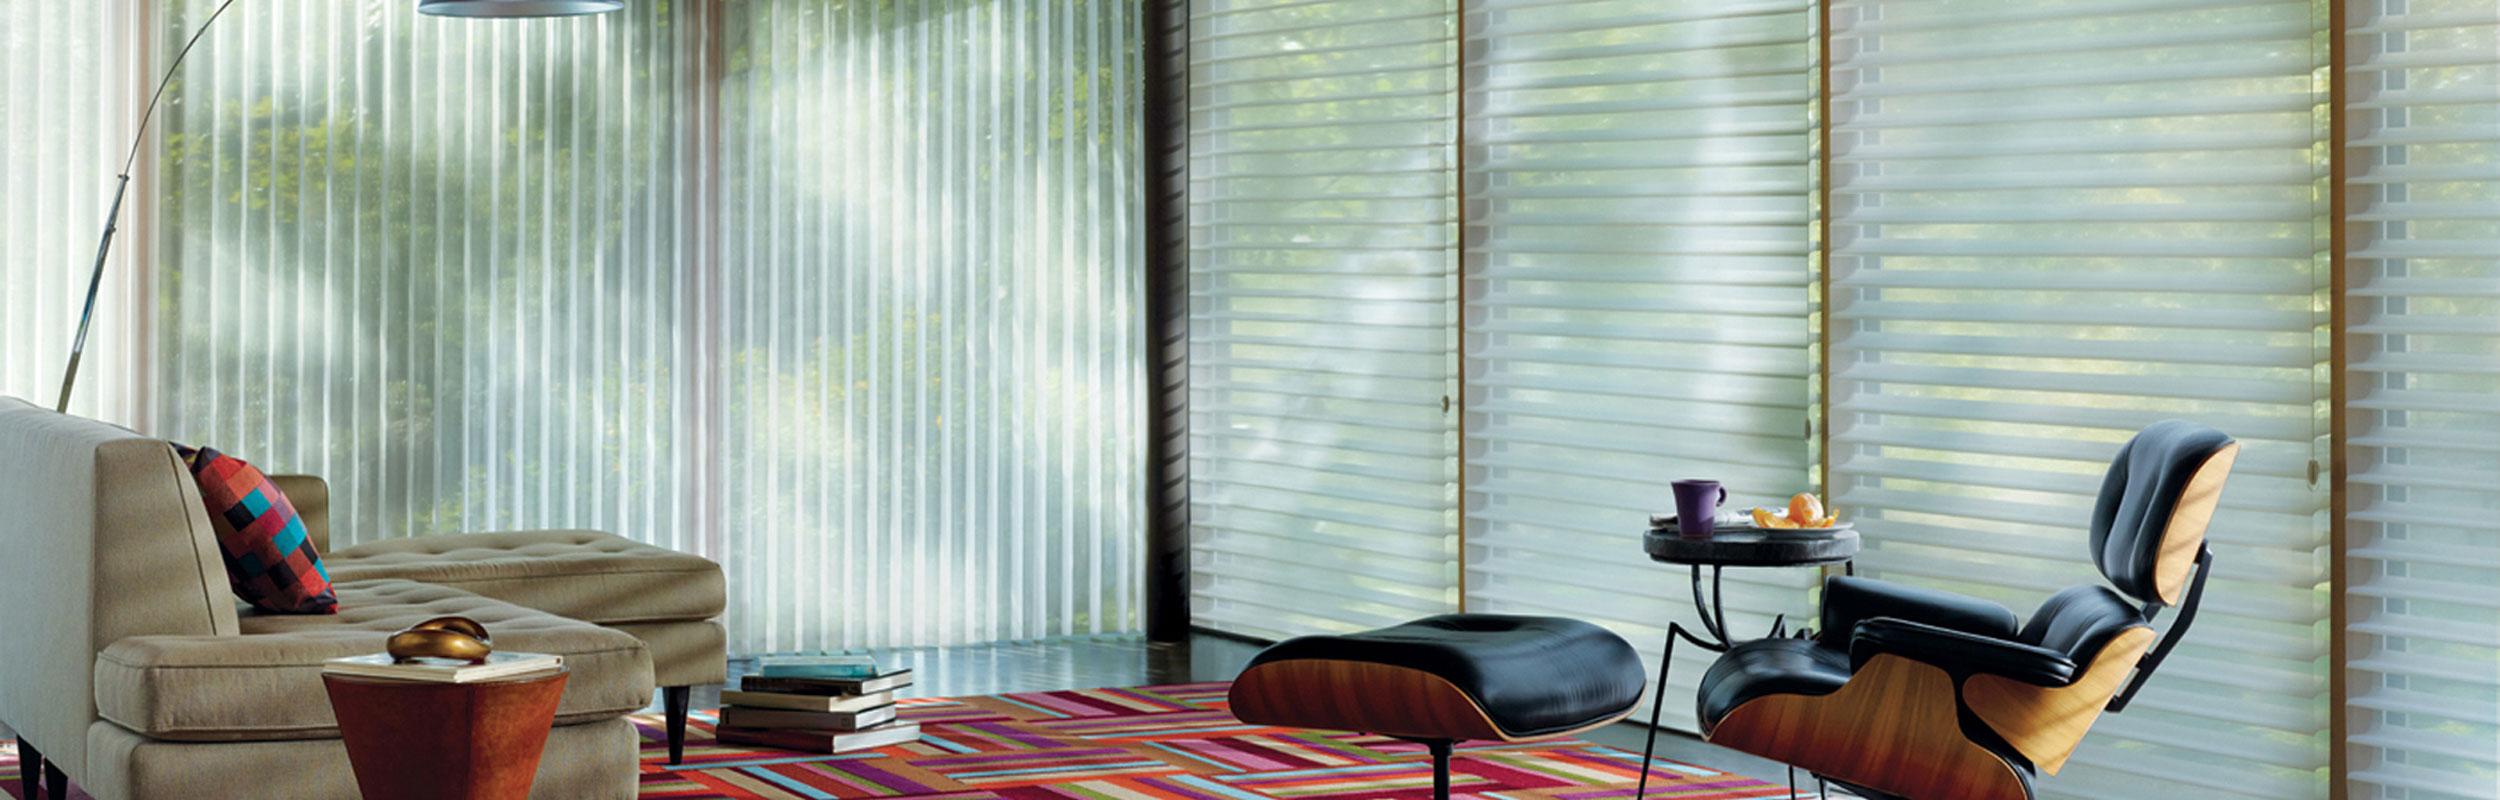 Cortinas y persianas en cali cortinas cali persianas cali - Cortinas y persianas ...